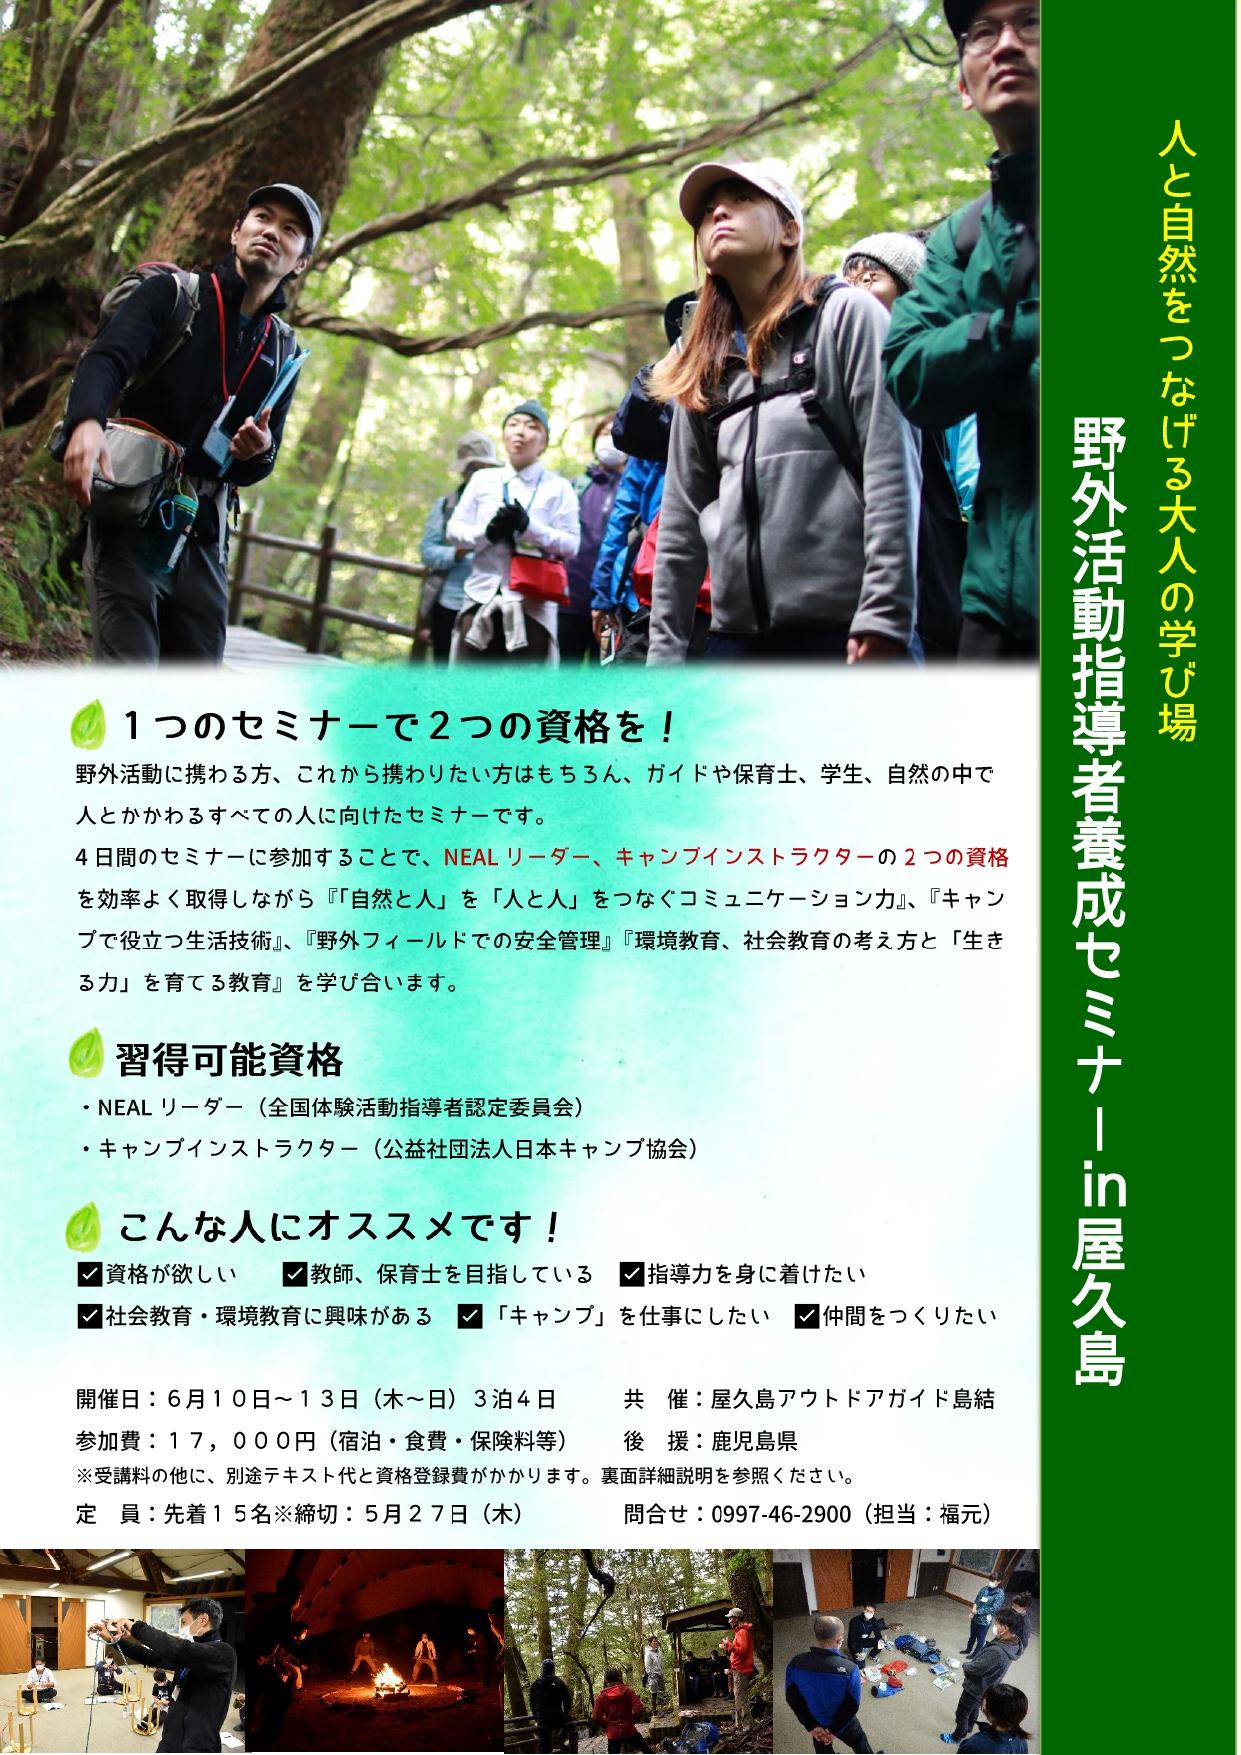 【延期】鹿児島:野外活動指導者養成セミナーin屋久島(6/10~13) @ 屋久島環境文化研修センター